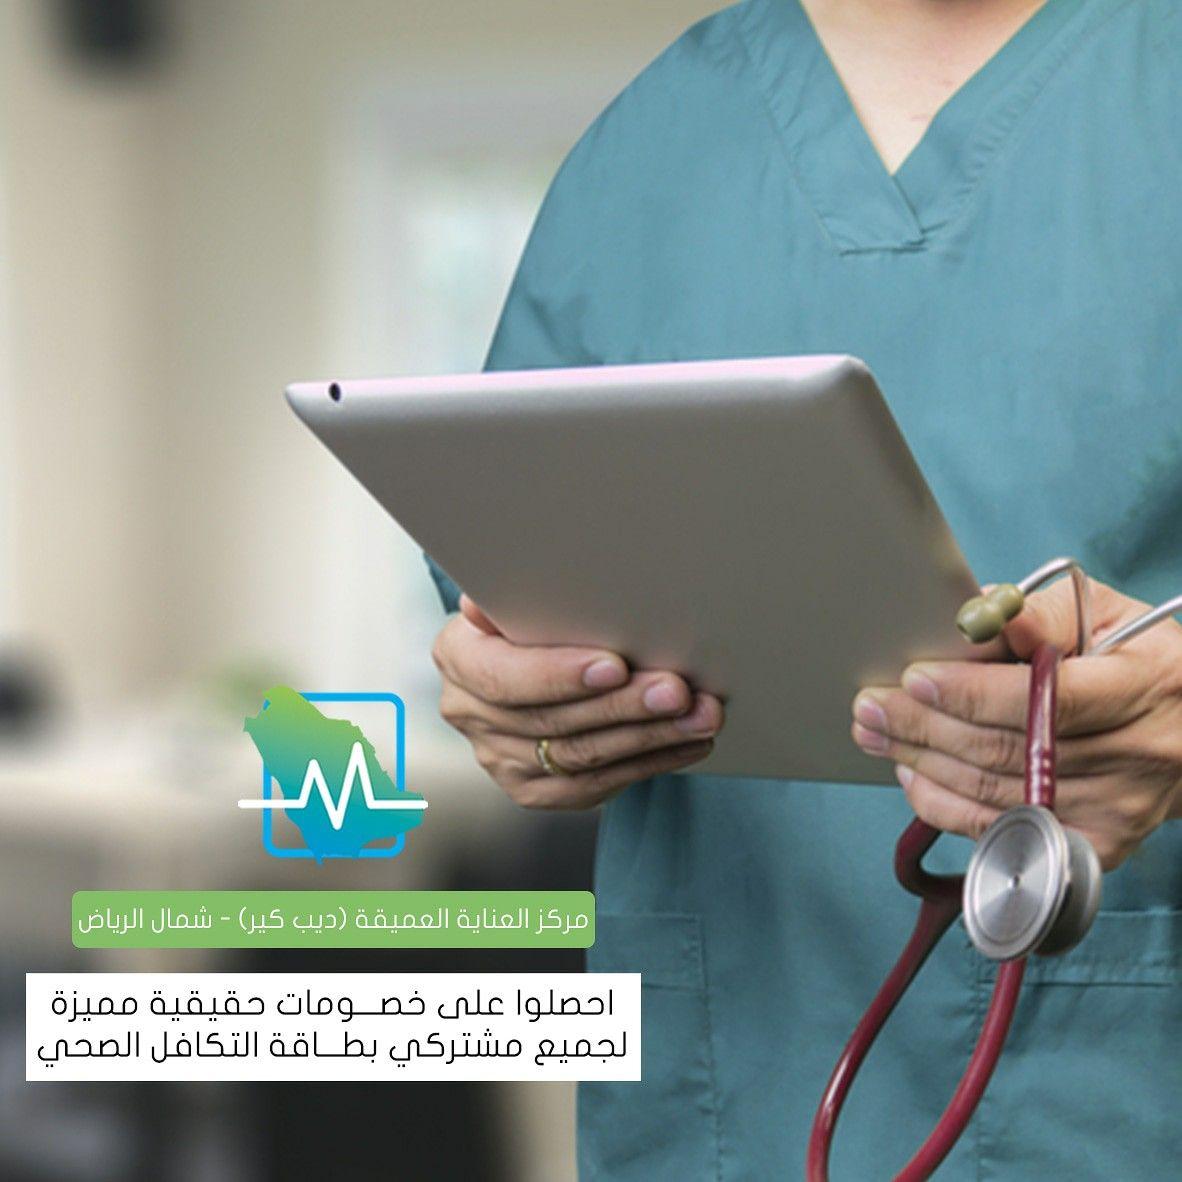 اعتني بنفسك في مكان واحد العناية العميقة ديب كير في شمال الرياض تقدم لكم الكثير من الخصومات الحقيقية لتساعدك بالمحافظة عل Health Insurance Health Insurance